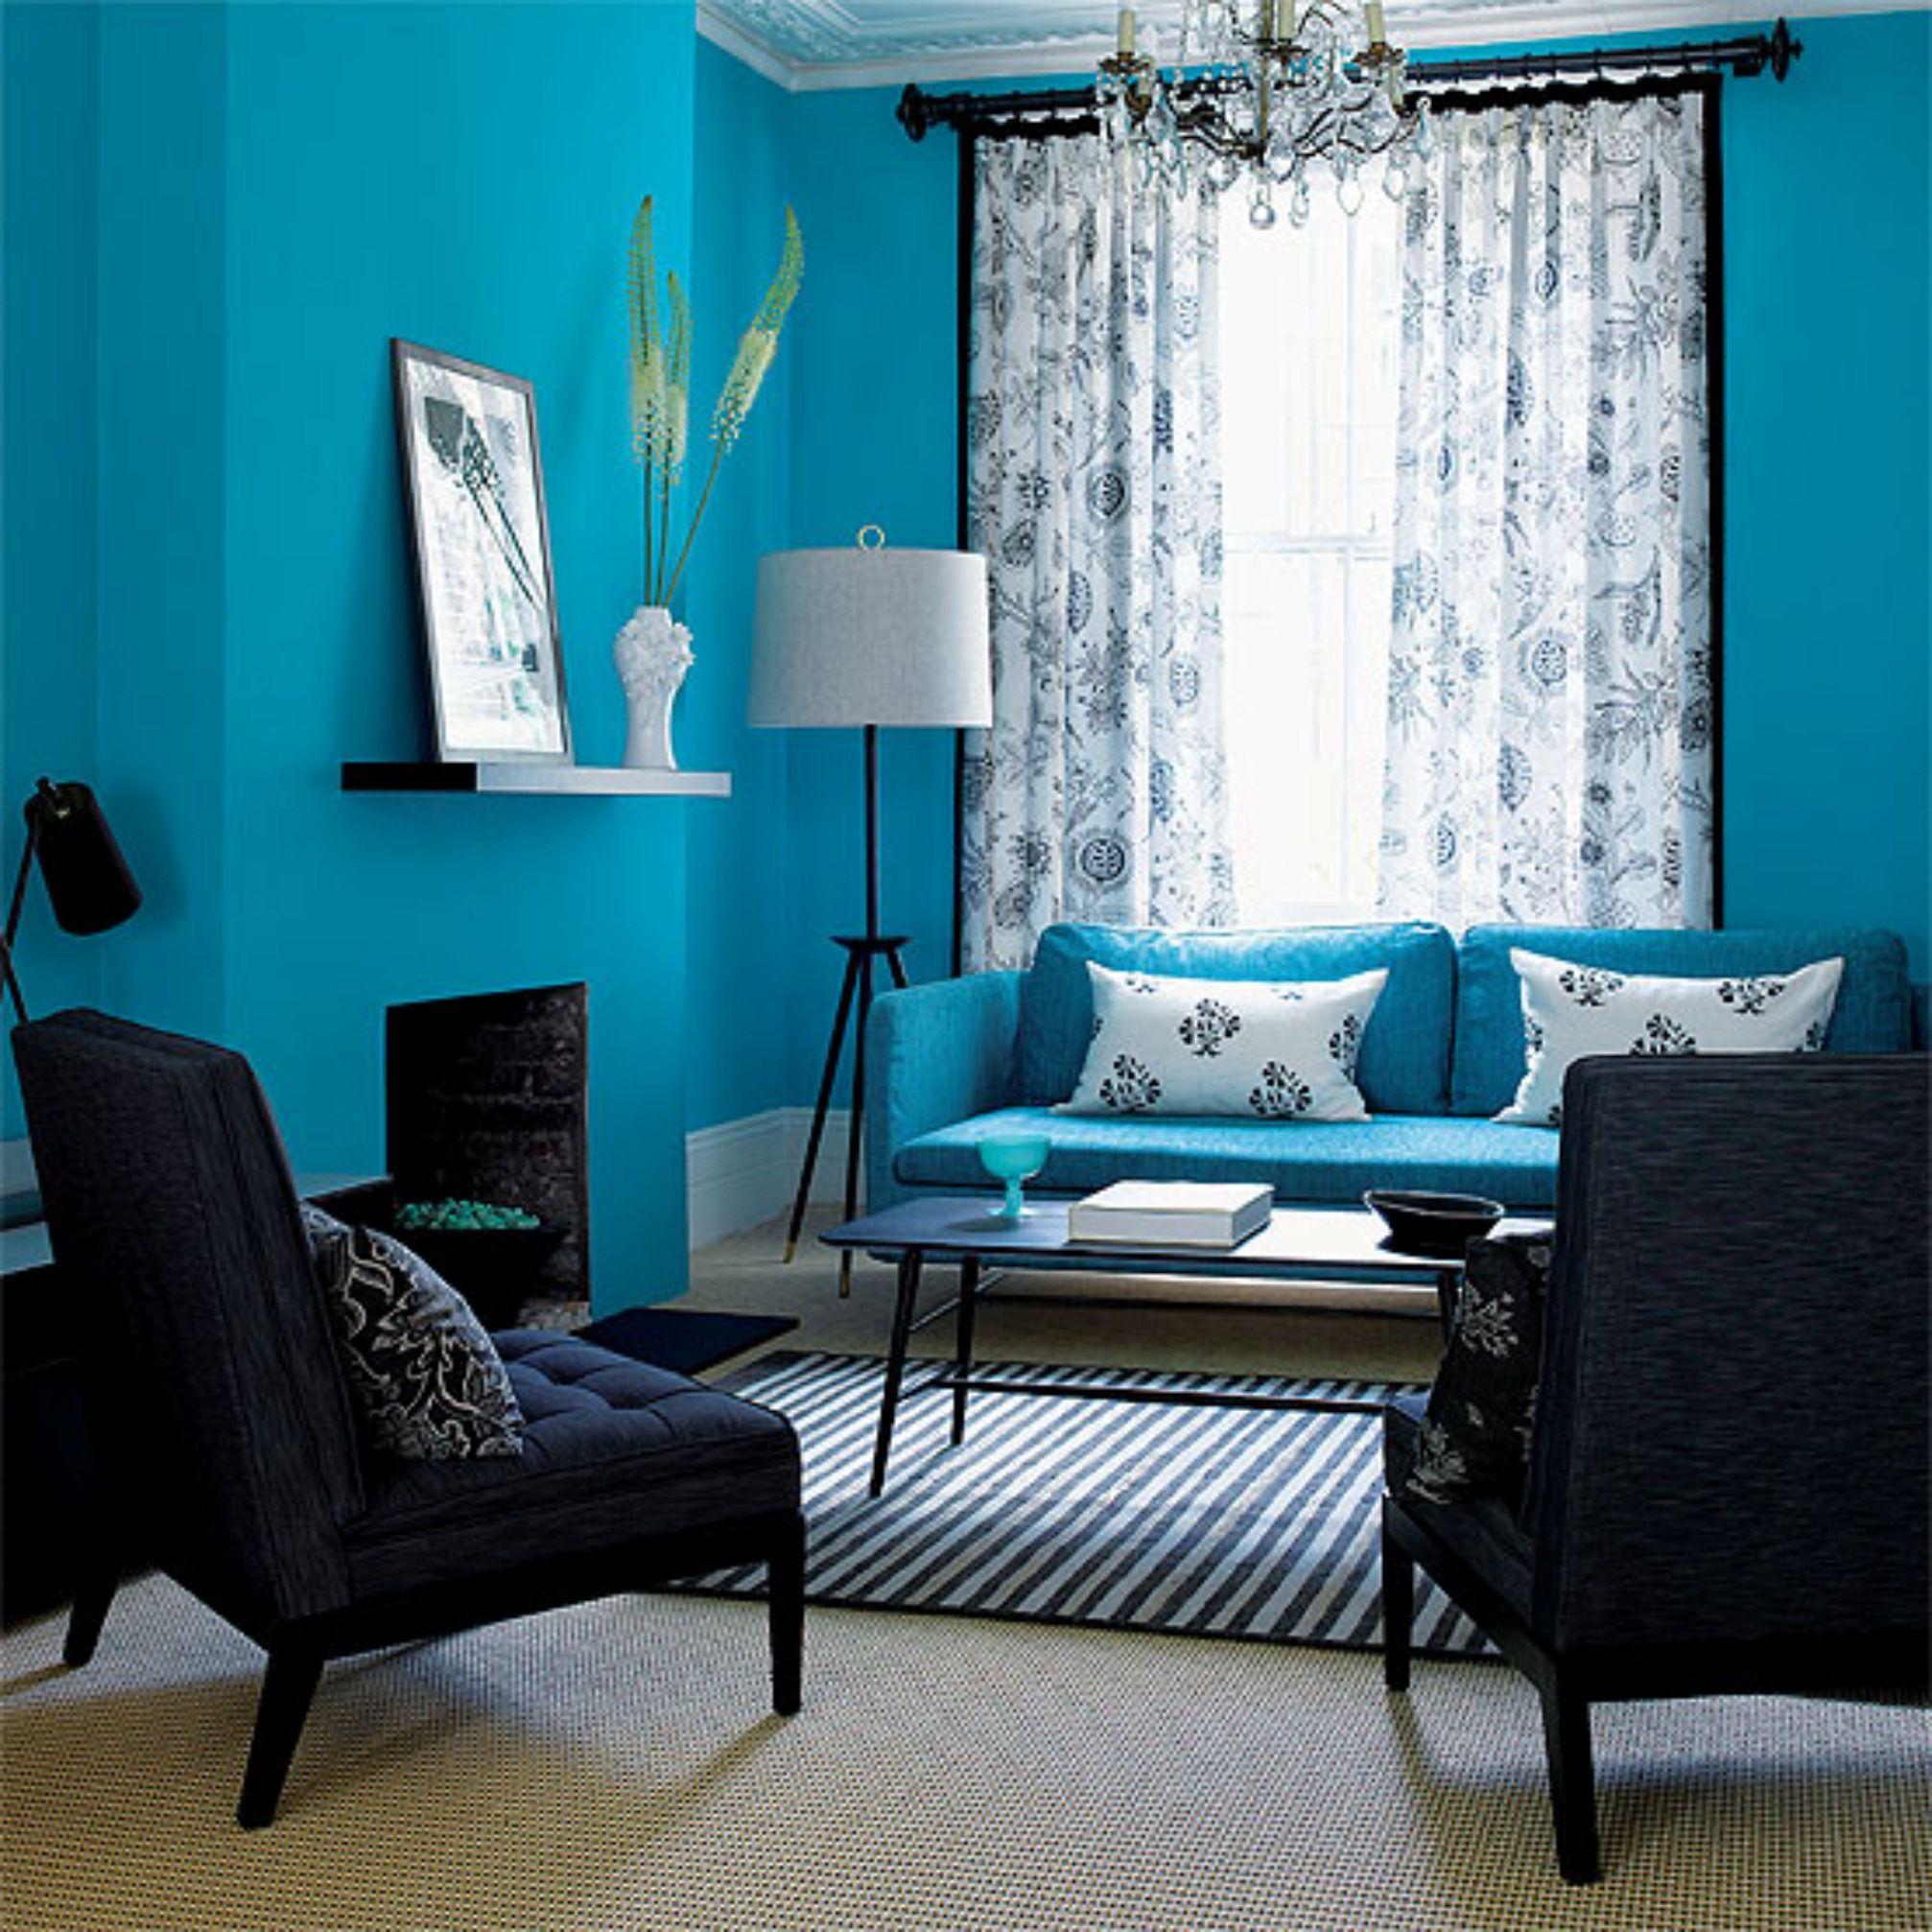 Calm Blue Themed Living Room Interior Design with Blue Fabric Sofa